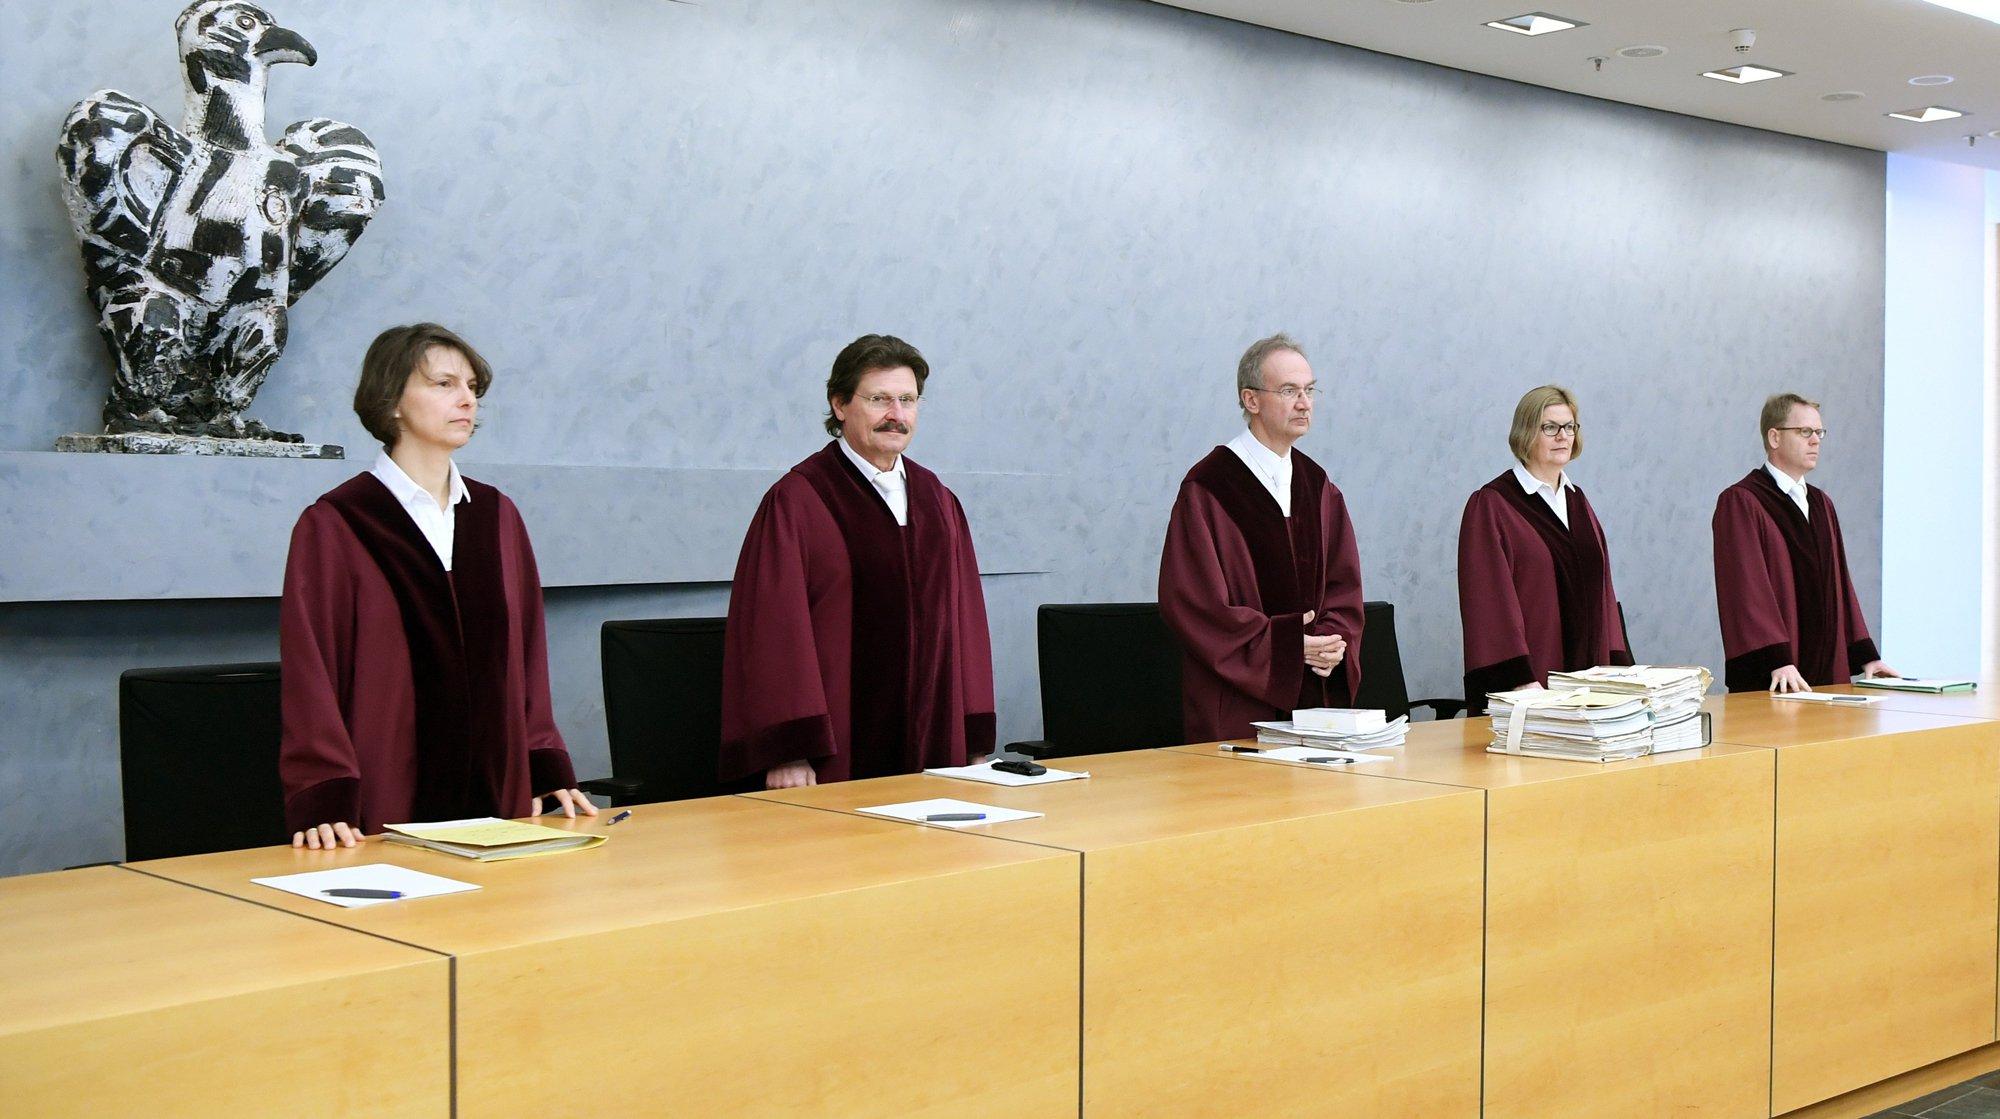 Верховный суд Германии постановил ввести представление  «третий пол» вофициальные документы